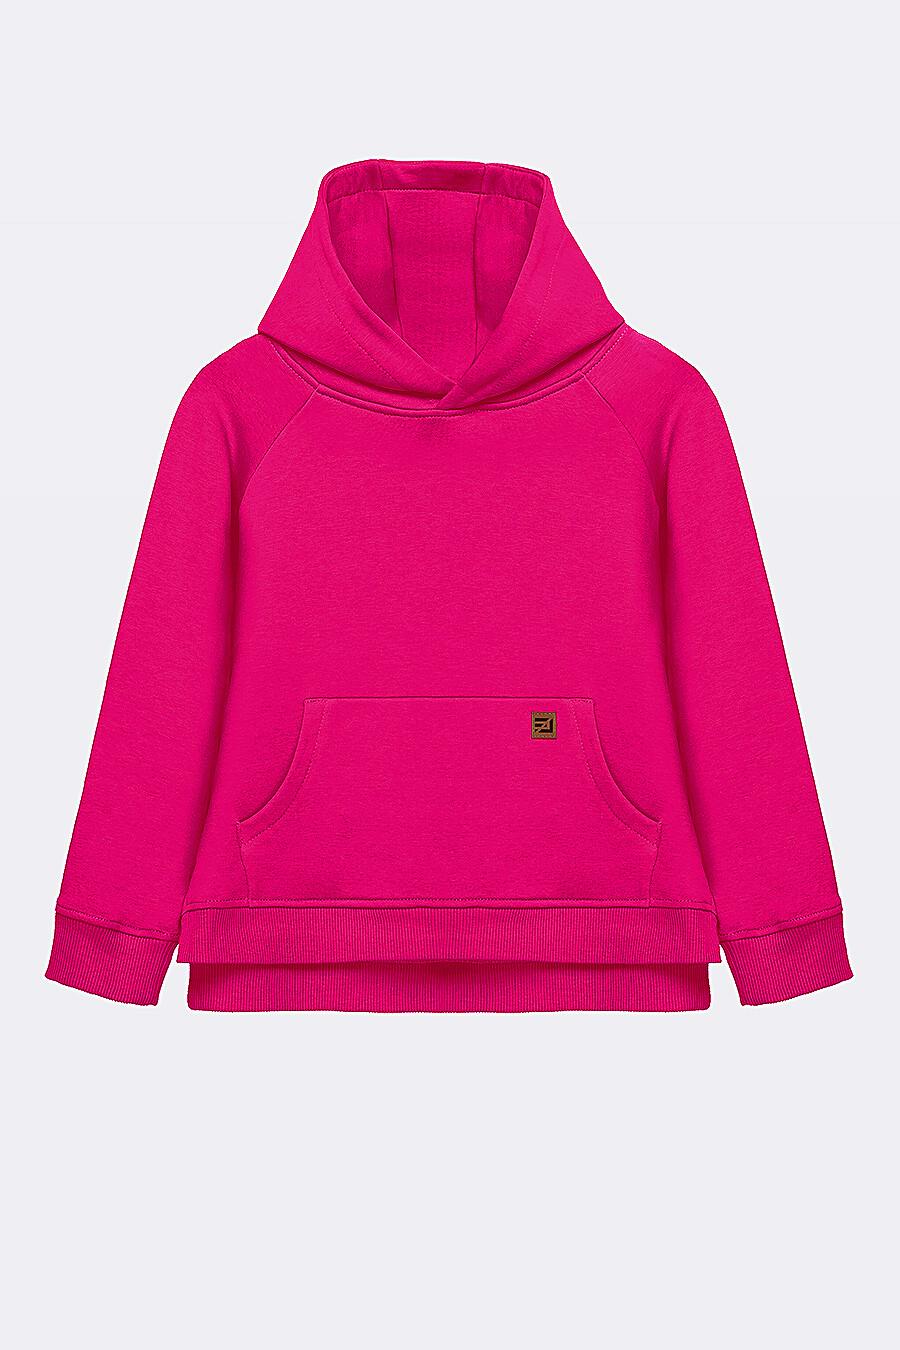 Костюм(Худи+Брюки) для девочек EZANNA 682431 купить оптом от производителя. Совместная покупка детской одежды в OptMoyo